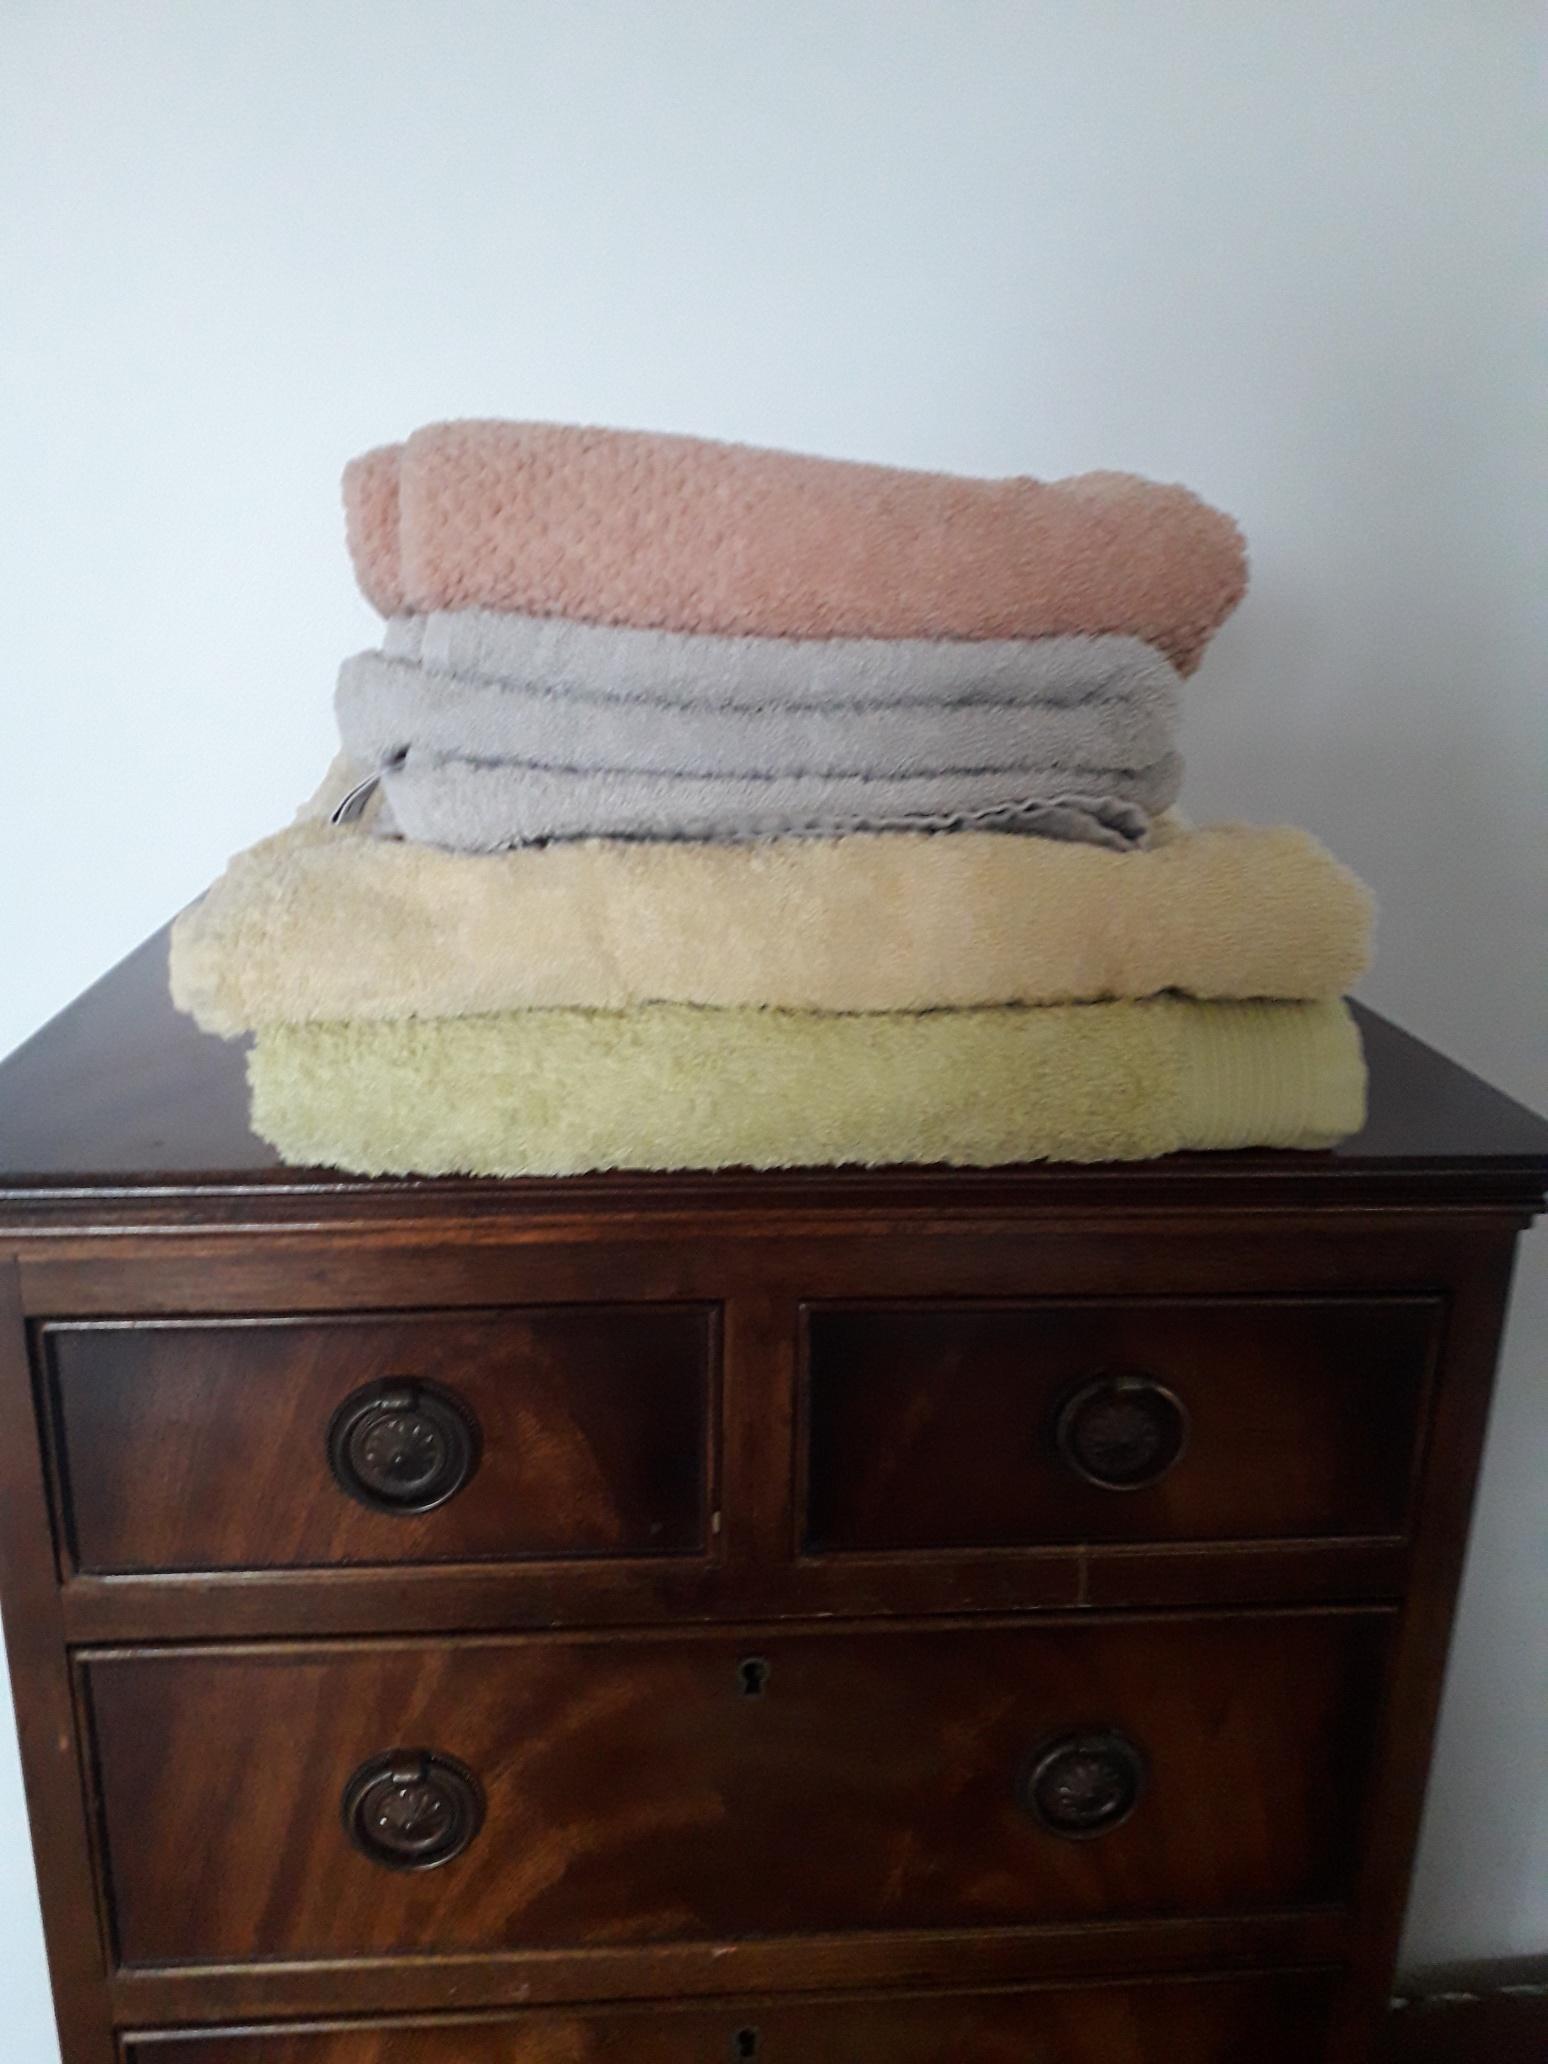 troc de troc serviettes de toilette et de bain, unis, en très bon état image 0